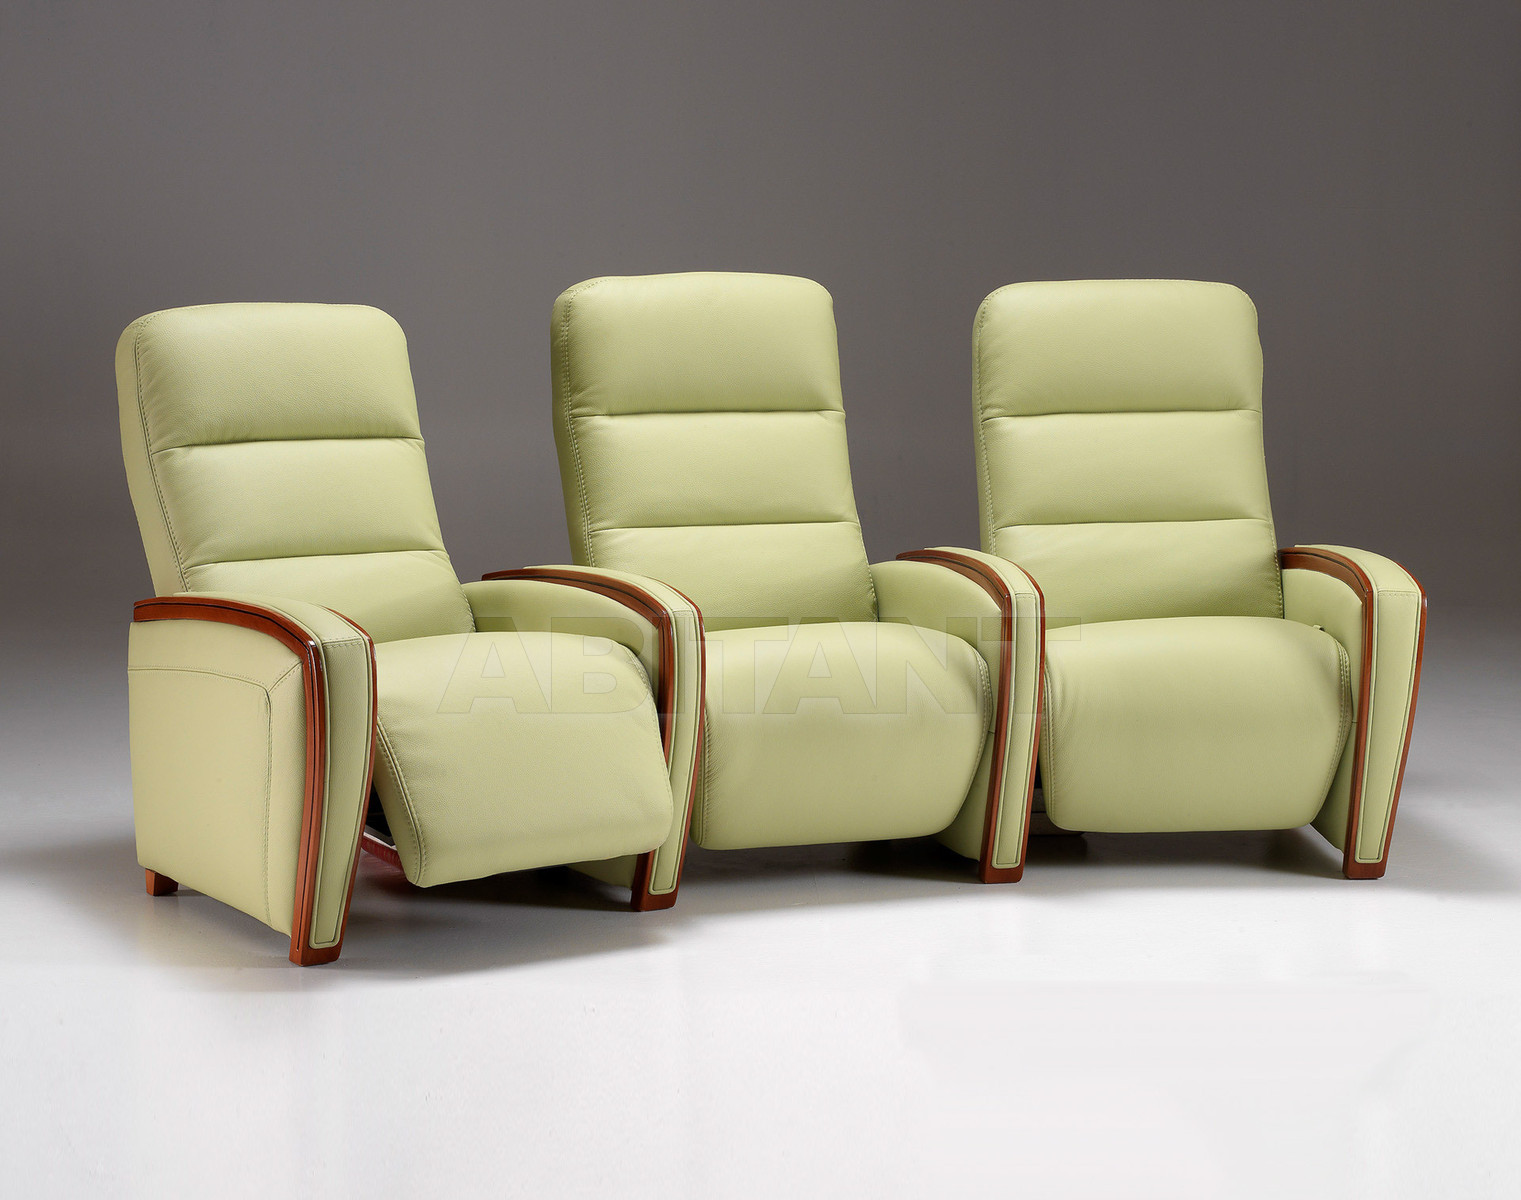 Купить Диван ADAGIO Cinema Satis S.p.A Collezione 2011 ADAGIO 3 Seater